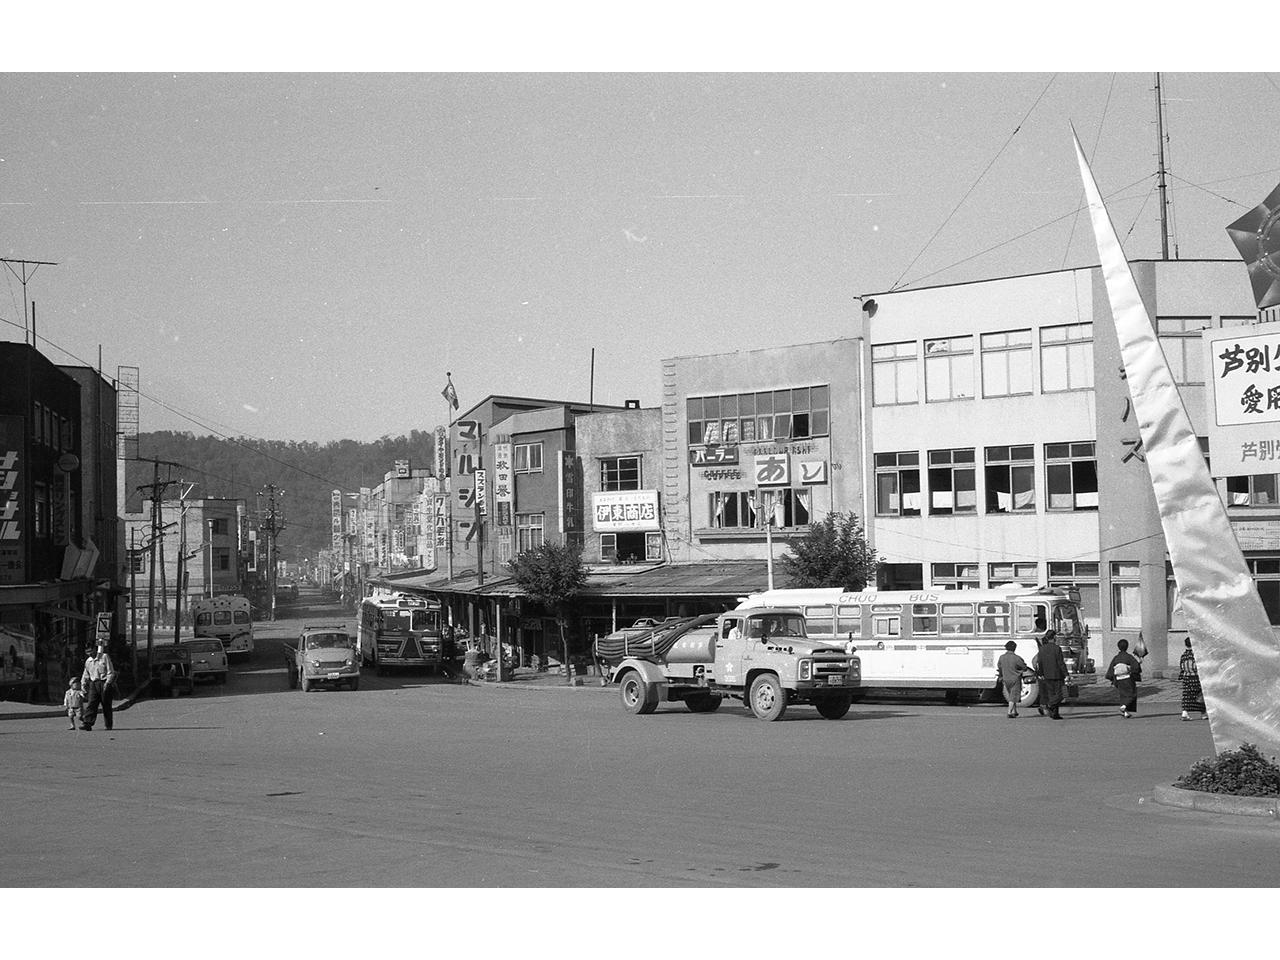 画像:芦別・活気にあふれた商店街(2)